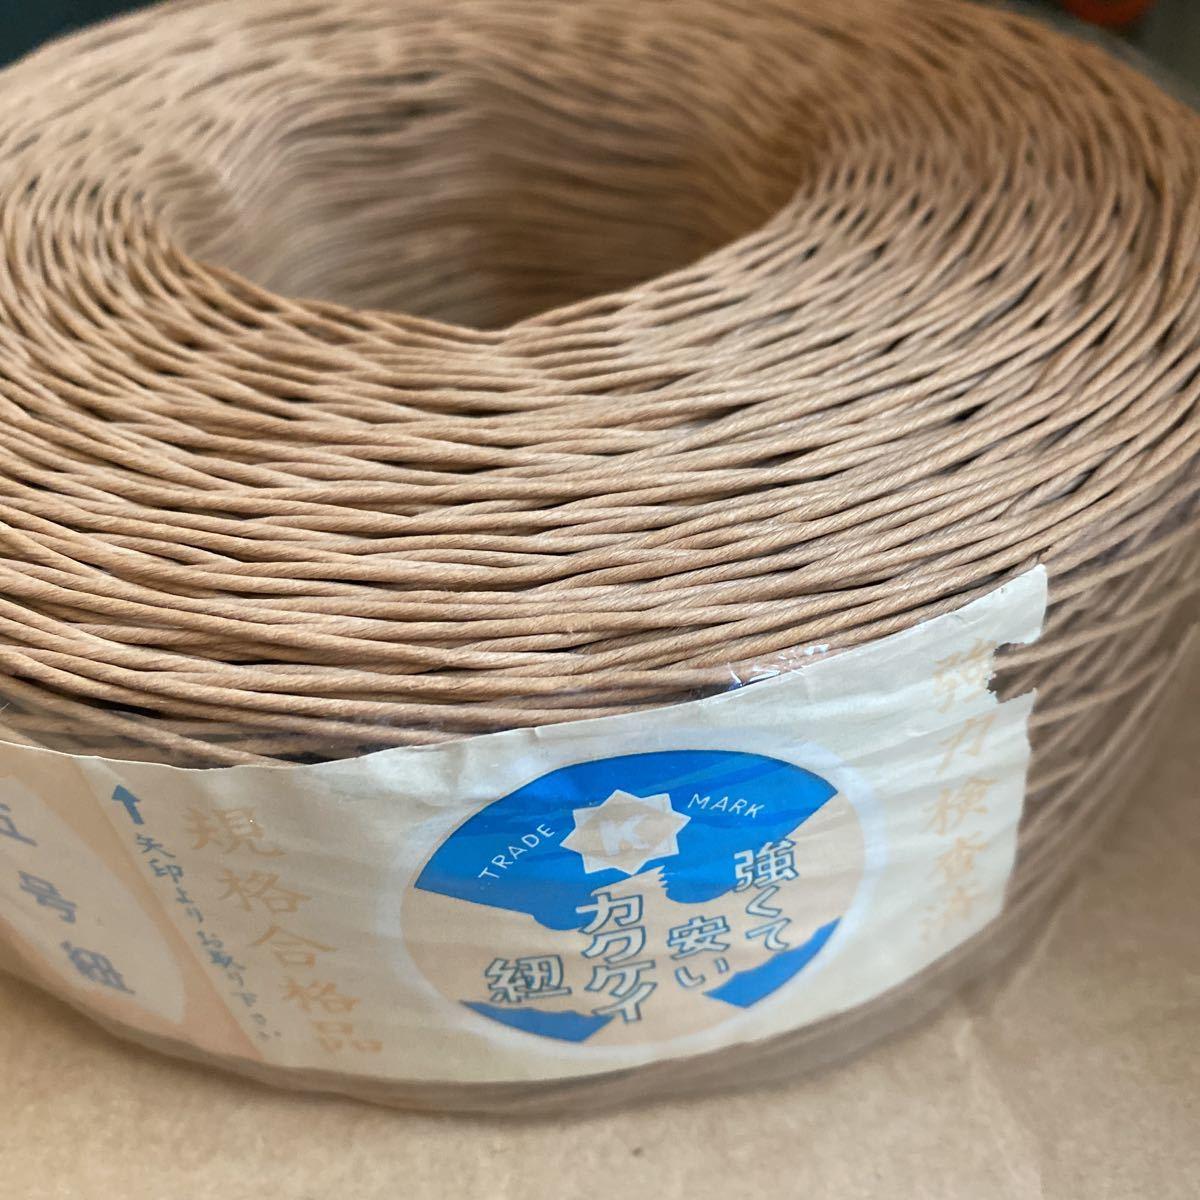 細紙紐 紙のヒモ 手芸 梱包 未使用状態紙バンド クラフトバンド クラフトテープ_画像1